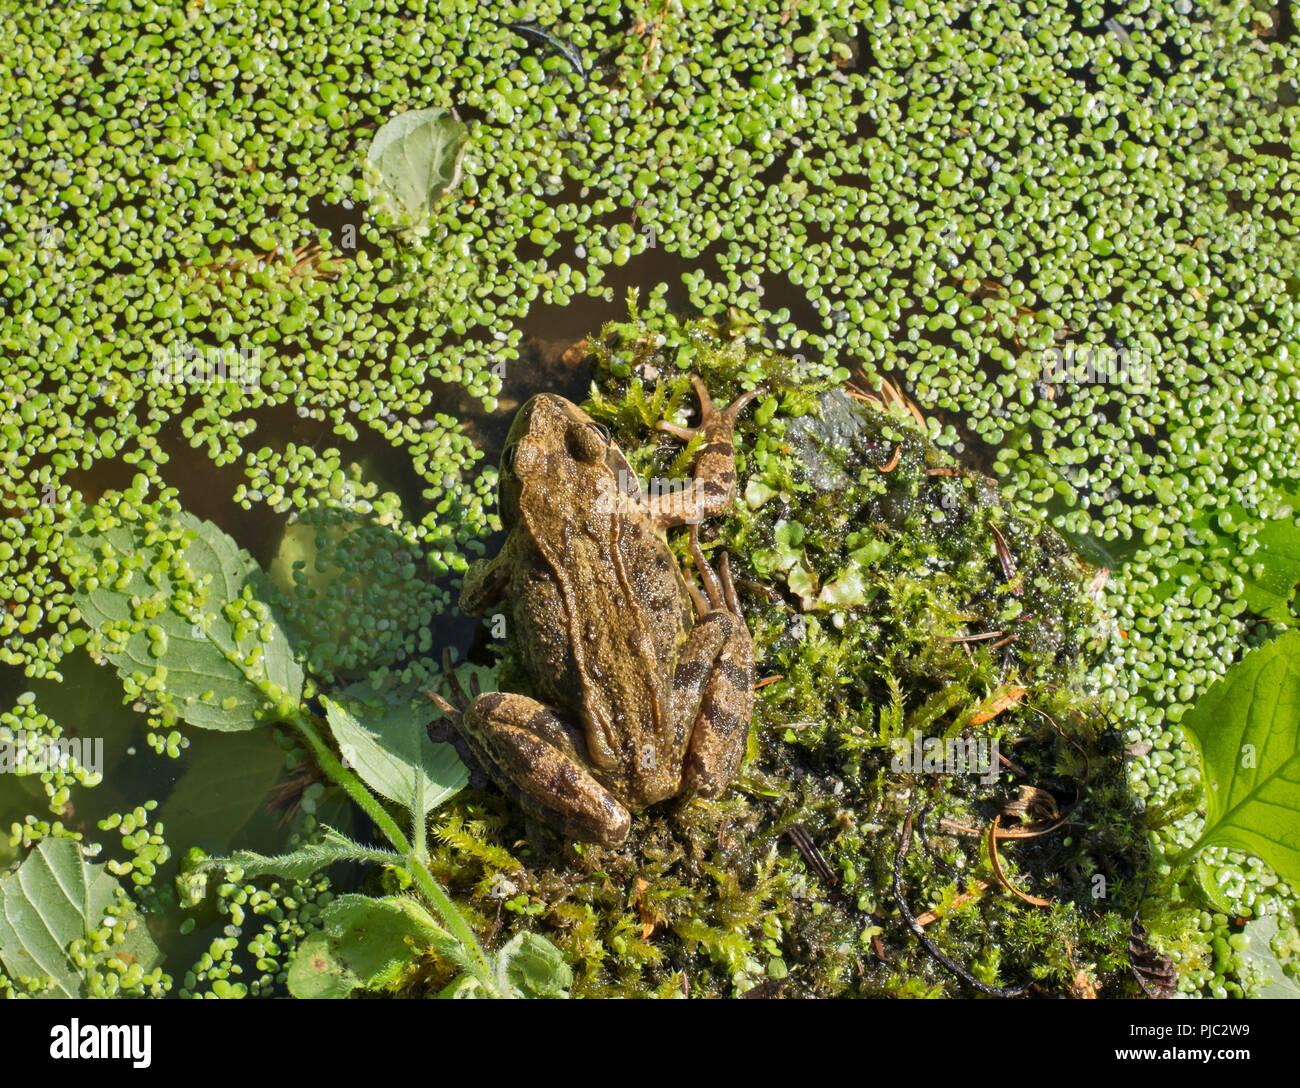 Wildlife Pond Surrounded By Pebbles: Rana Temporaria Wildlife Nature Stock Photos & Rana